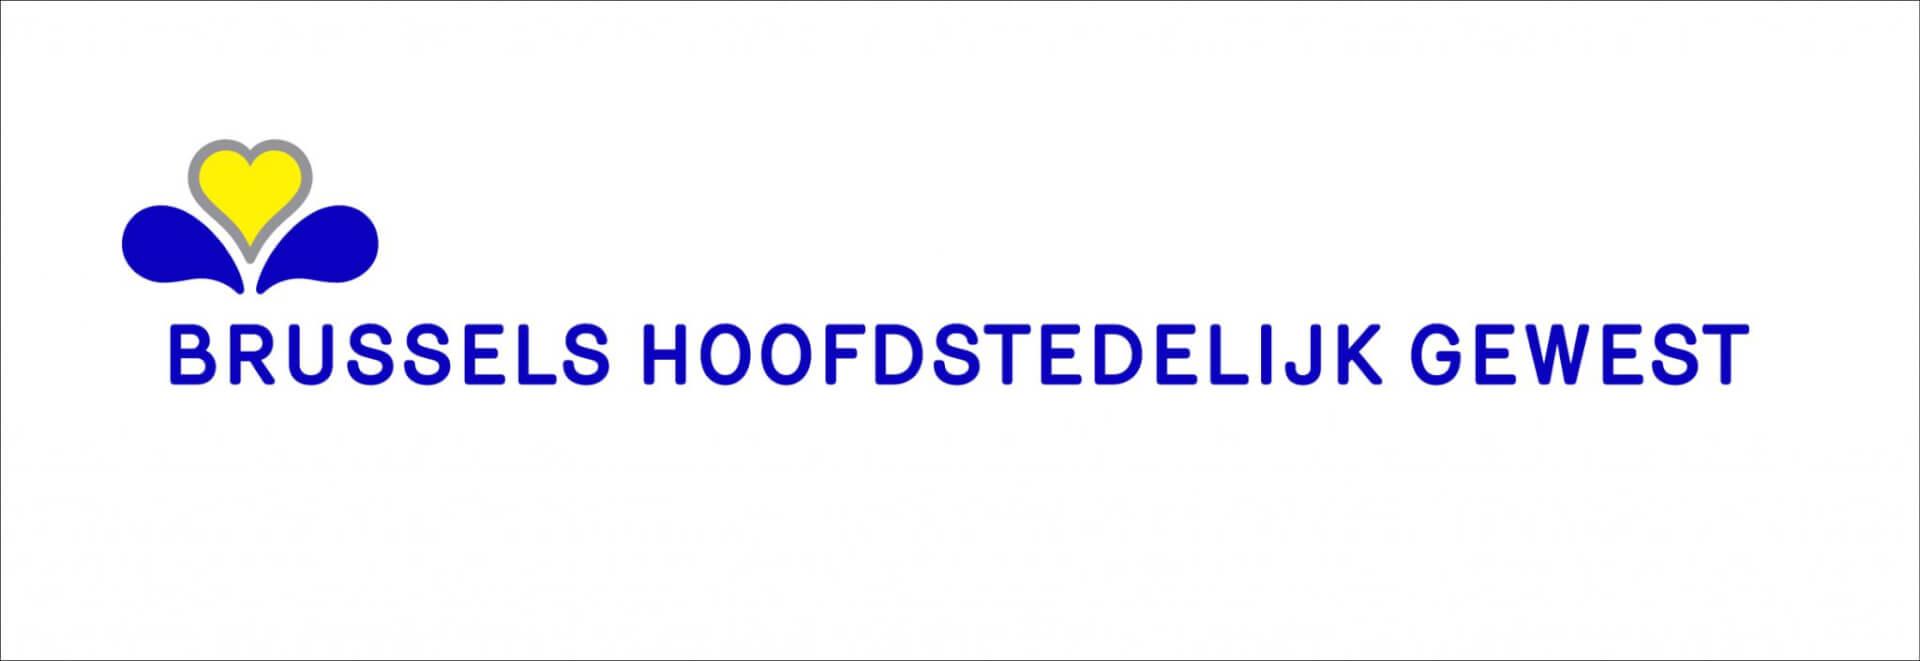 Brussels Hoofdstedelijk Gewest - logo